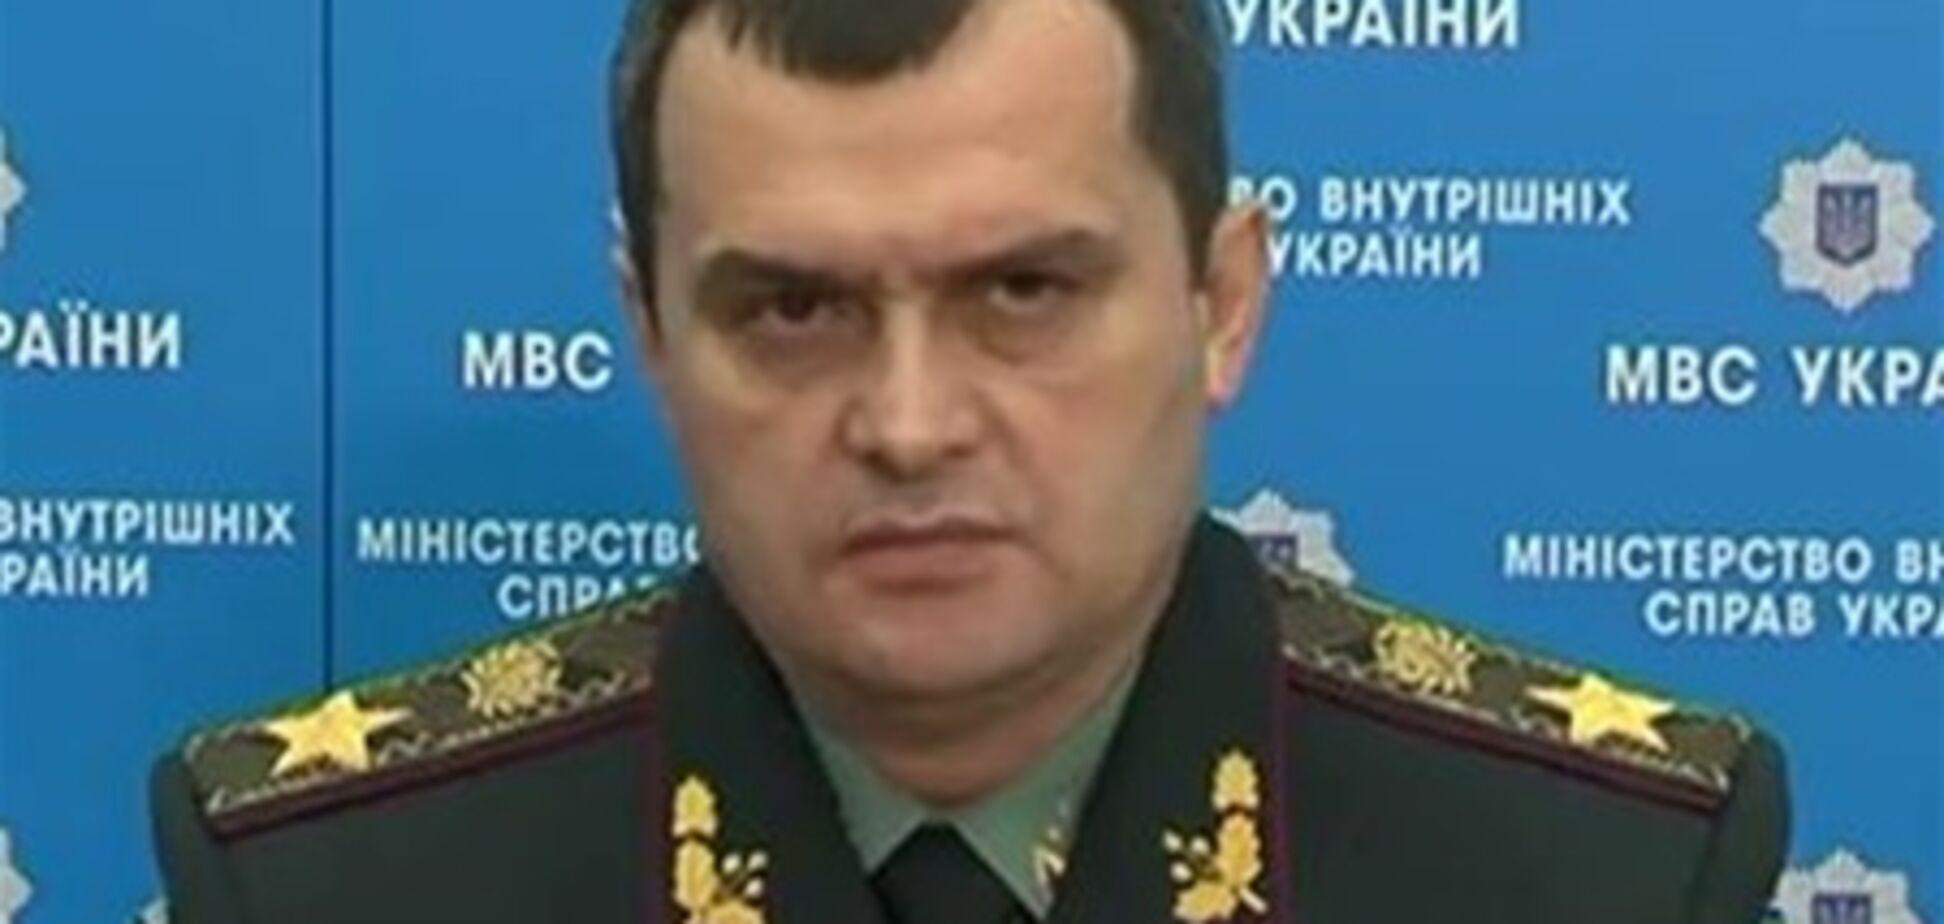 Глава МВД объяснил причину частых изнасилований